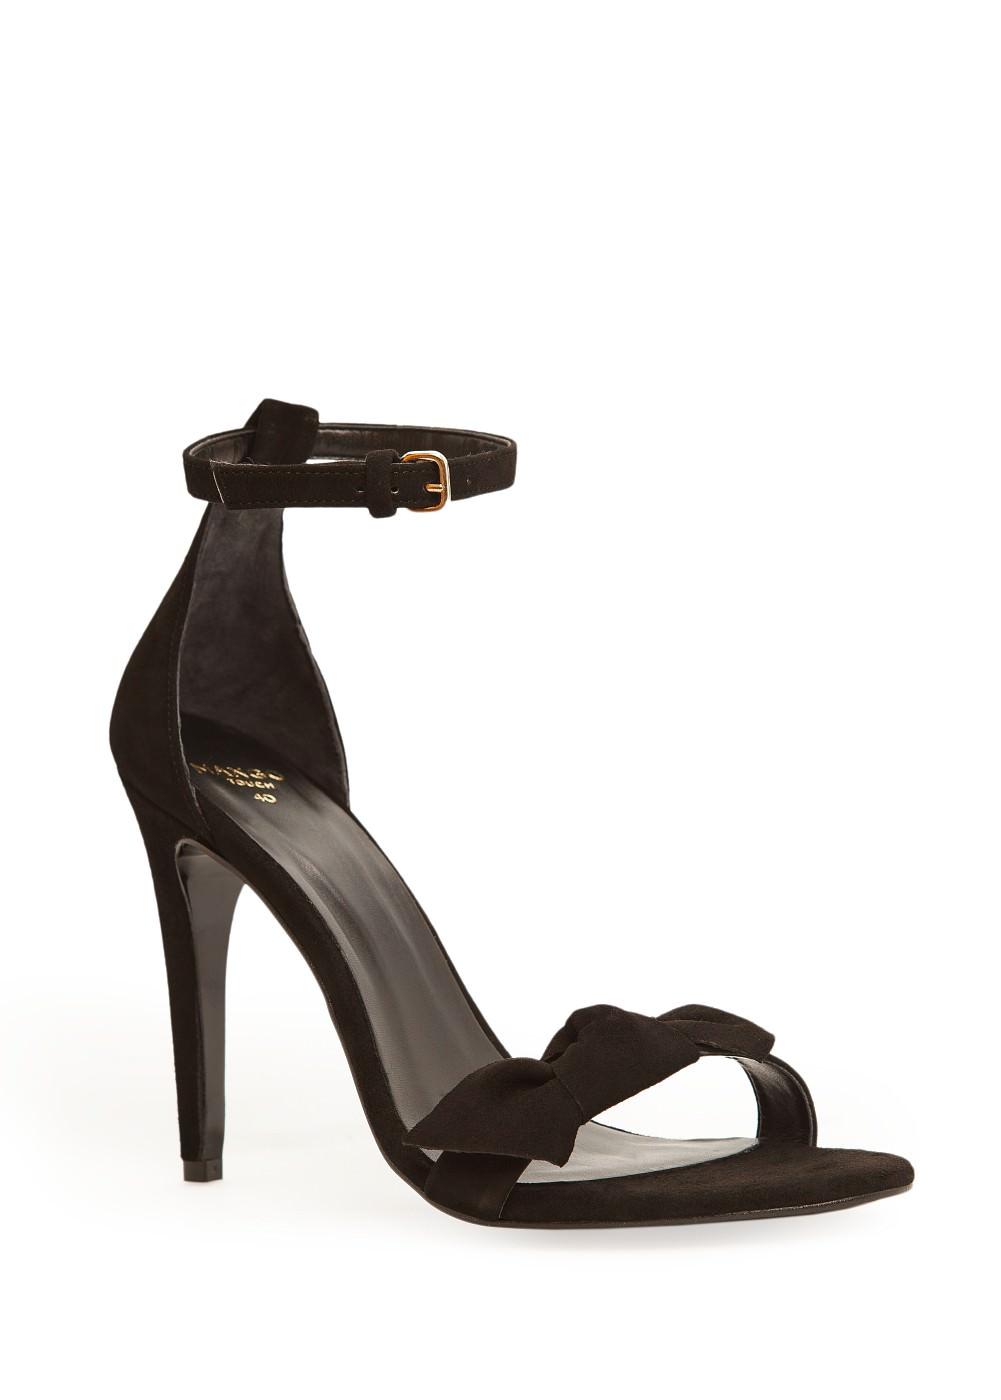 Bow suede sandals -  Shoes - Women - MANGO